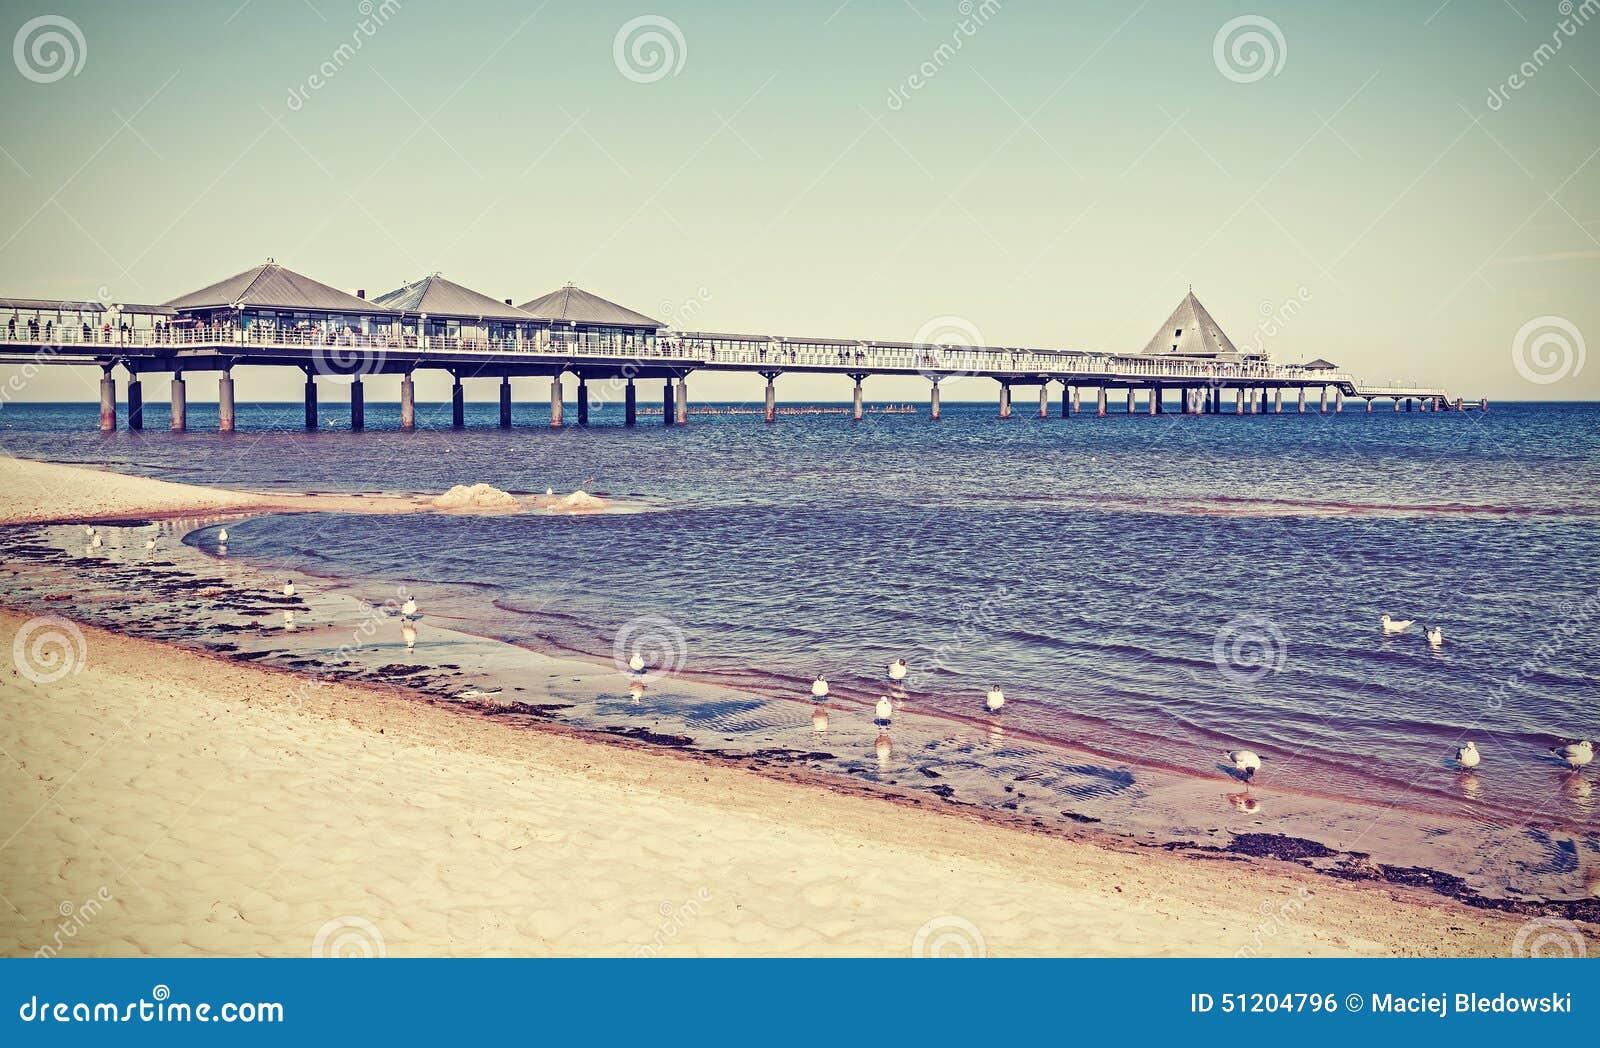 Alter Retrostil gefiltertes Bild eines Piers